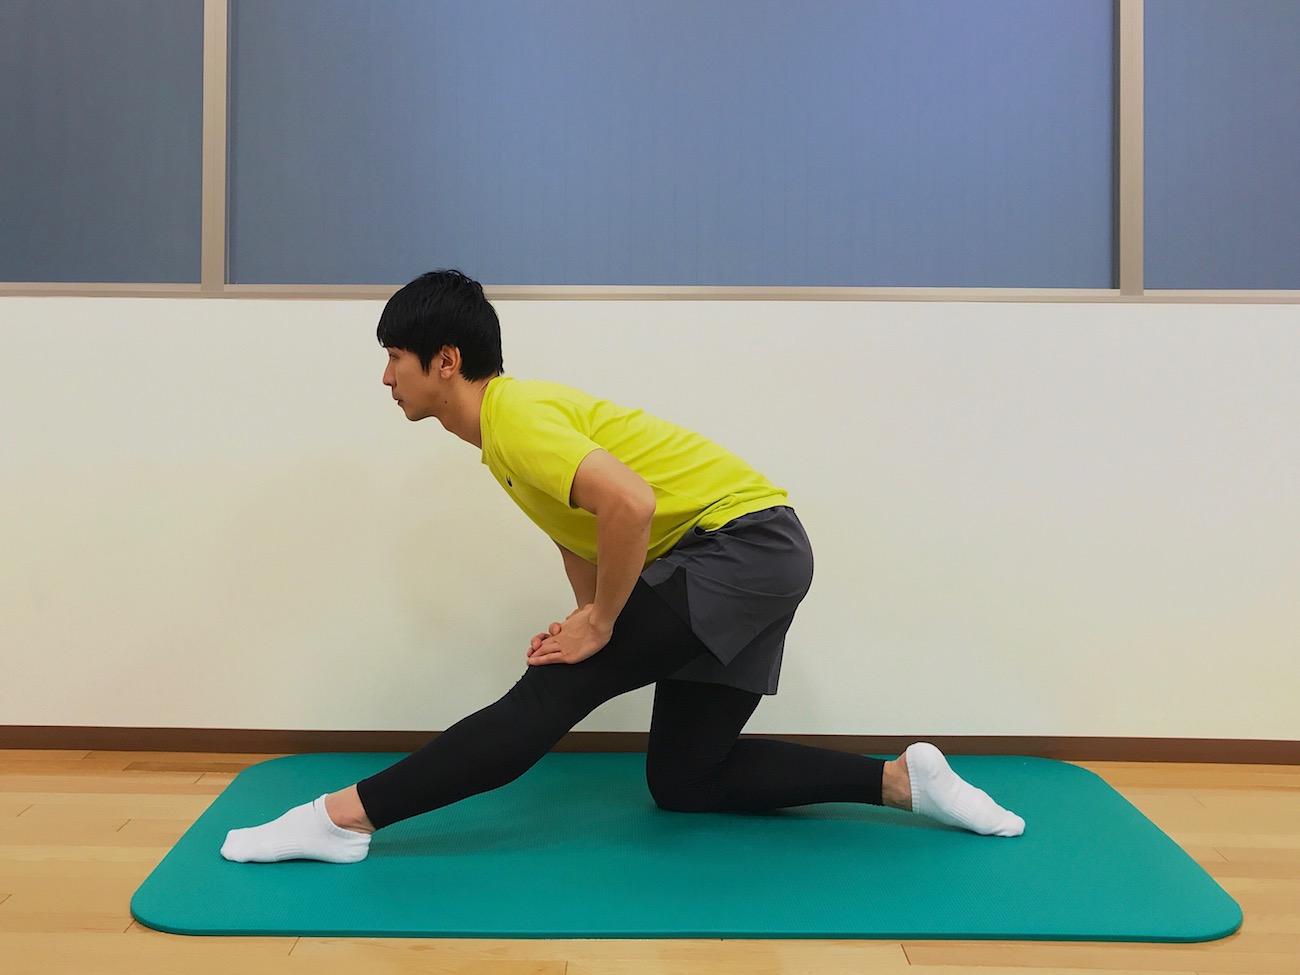 片膝立ち姿勢で行うもも裏の筋肉(ハムストリングス)のストレッチ